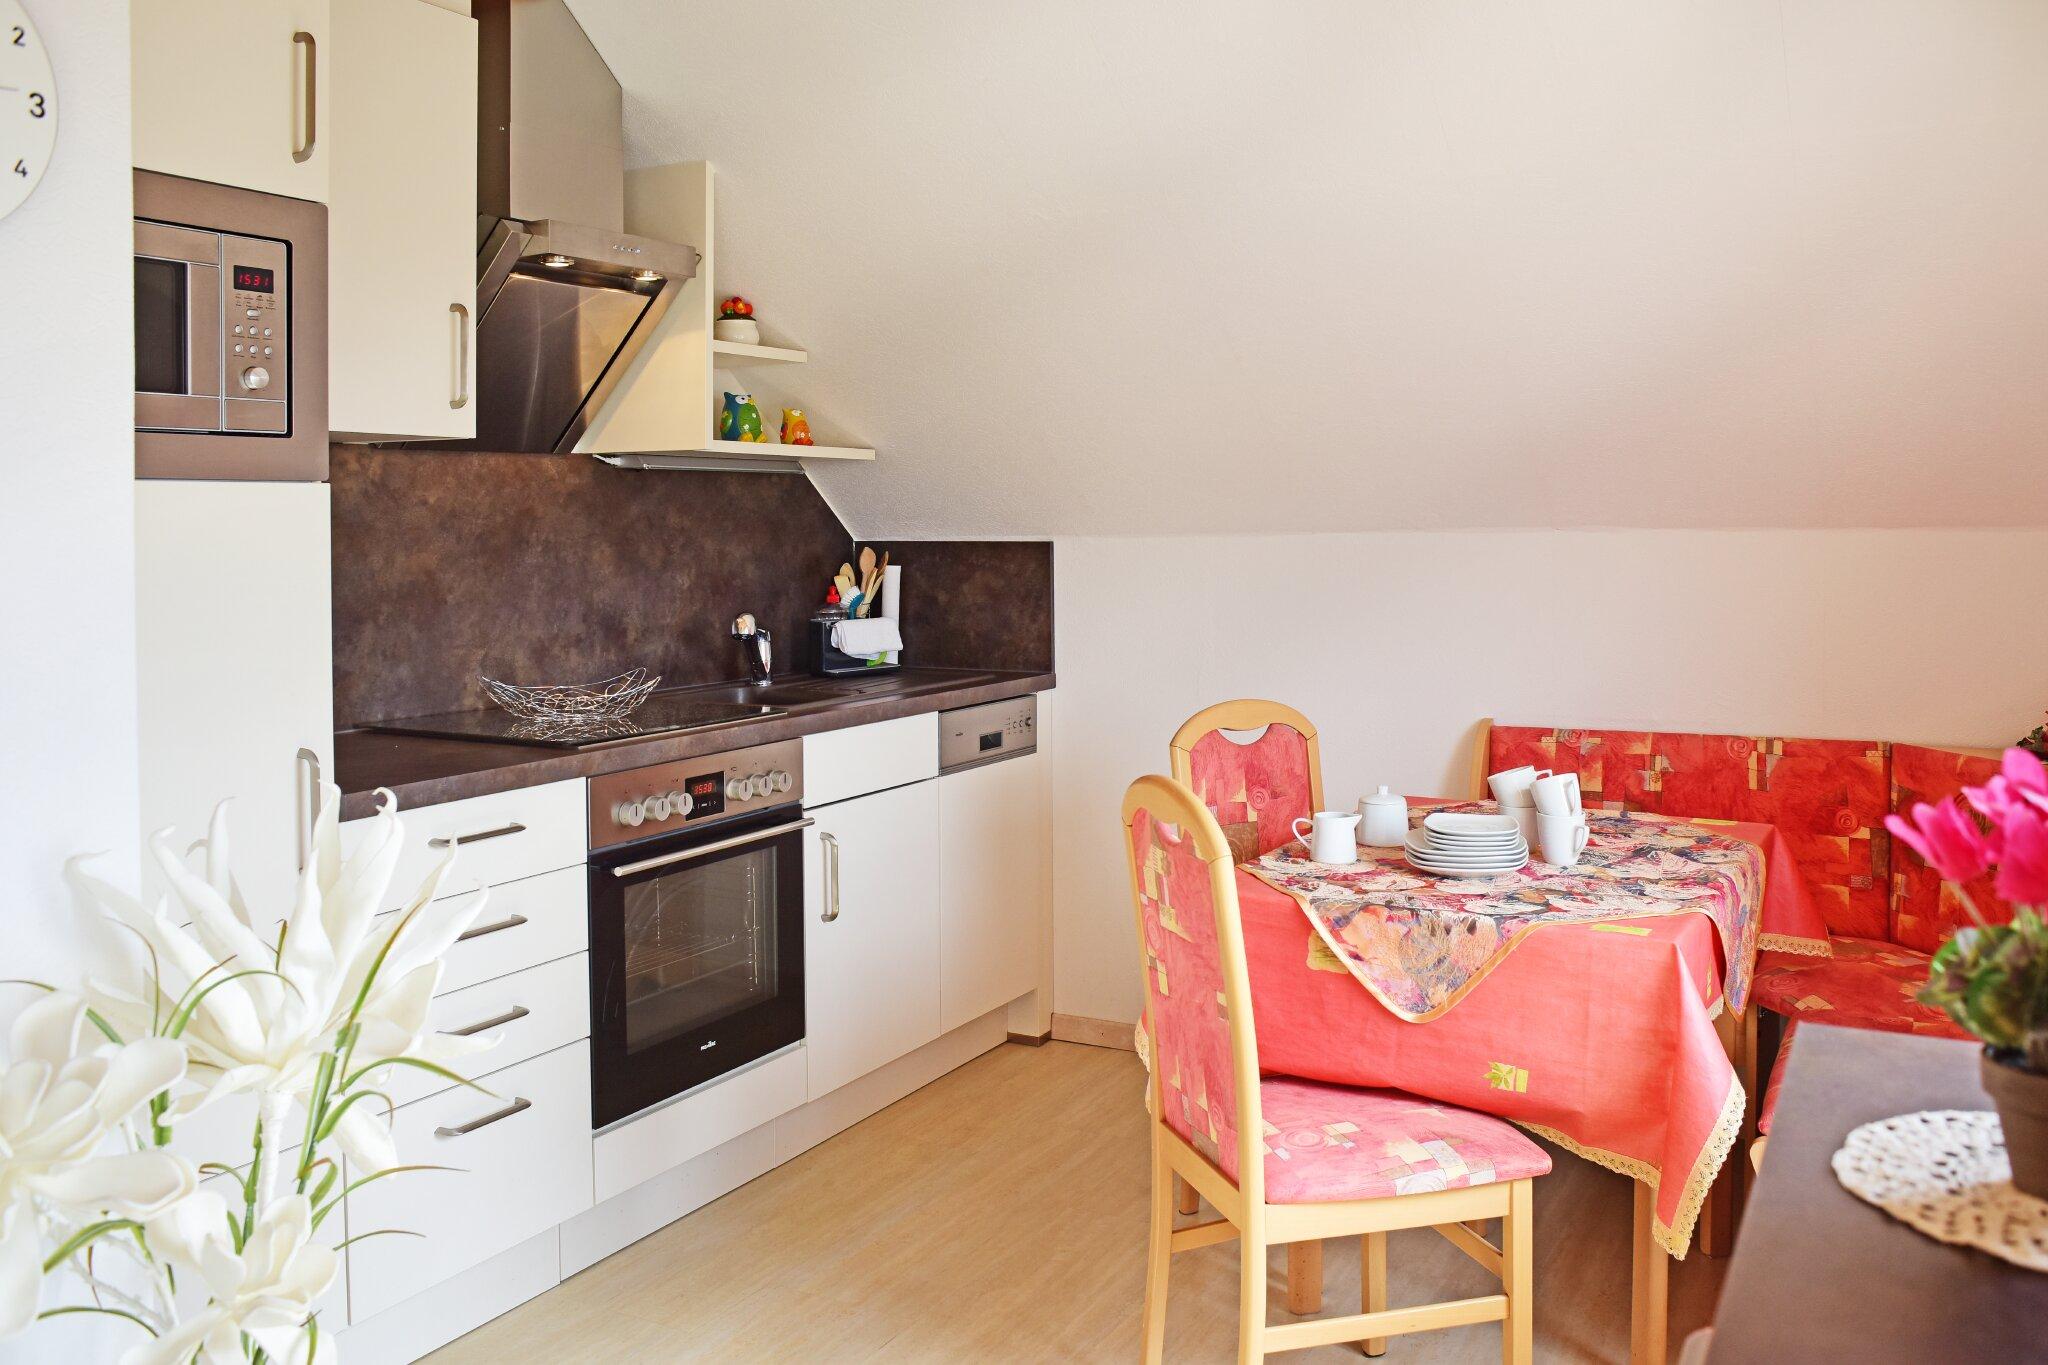 Wohnung 1 Küchenzeile mit Spülmaschine